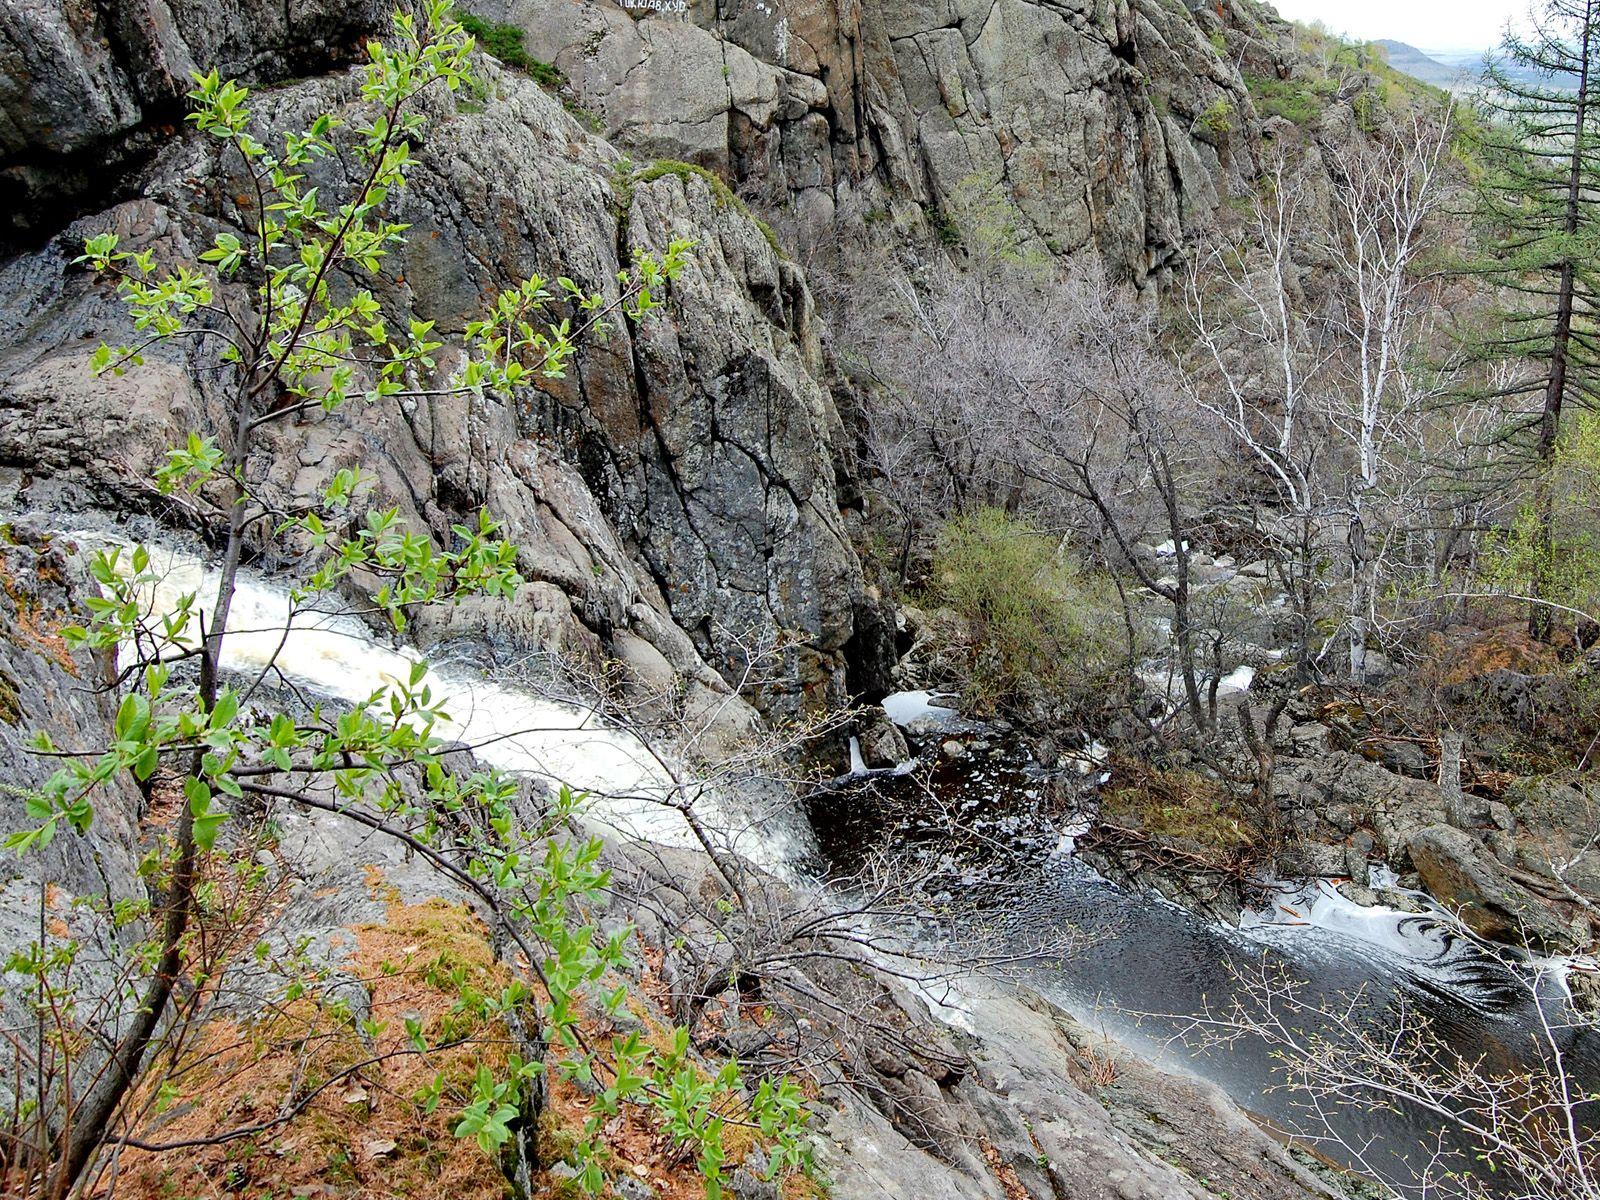 Водопад среди камней Гадельша